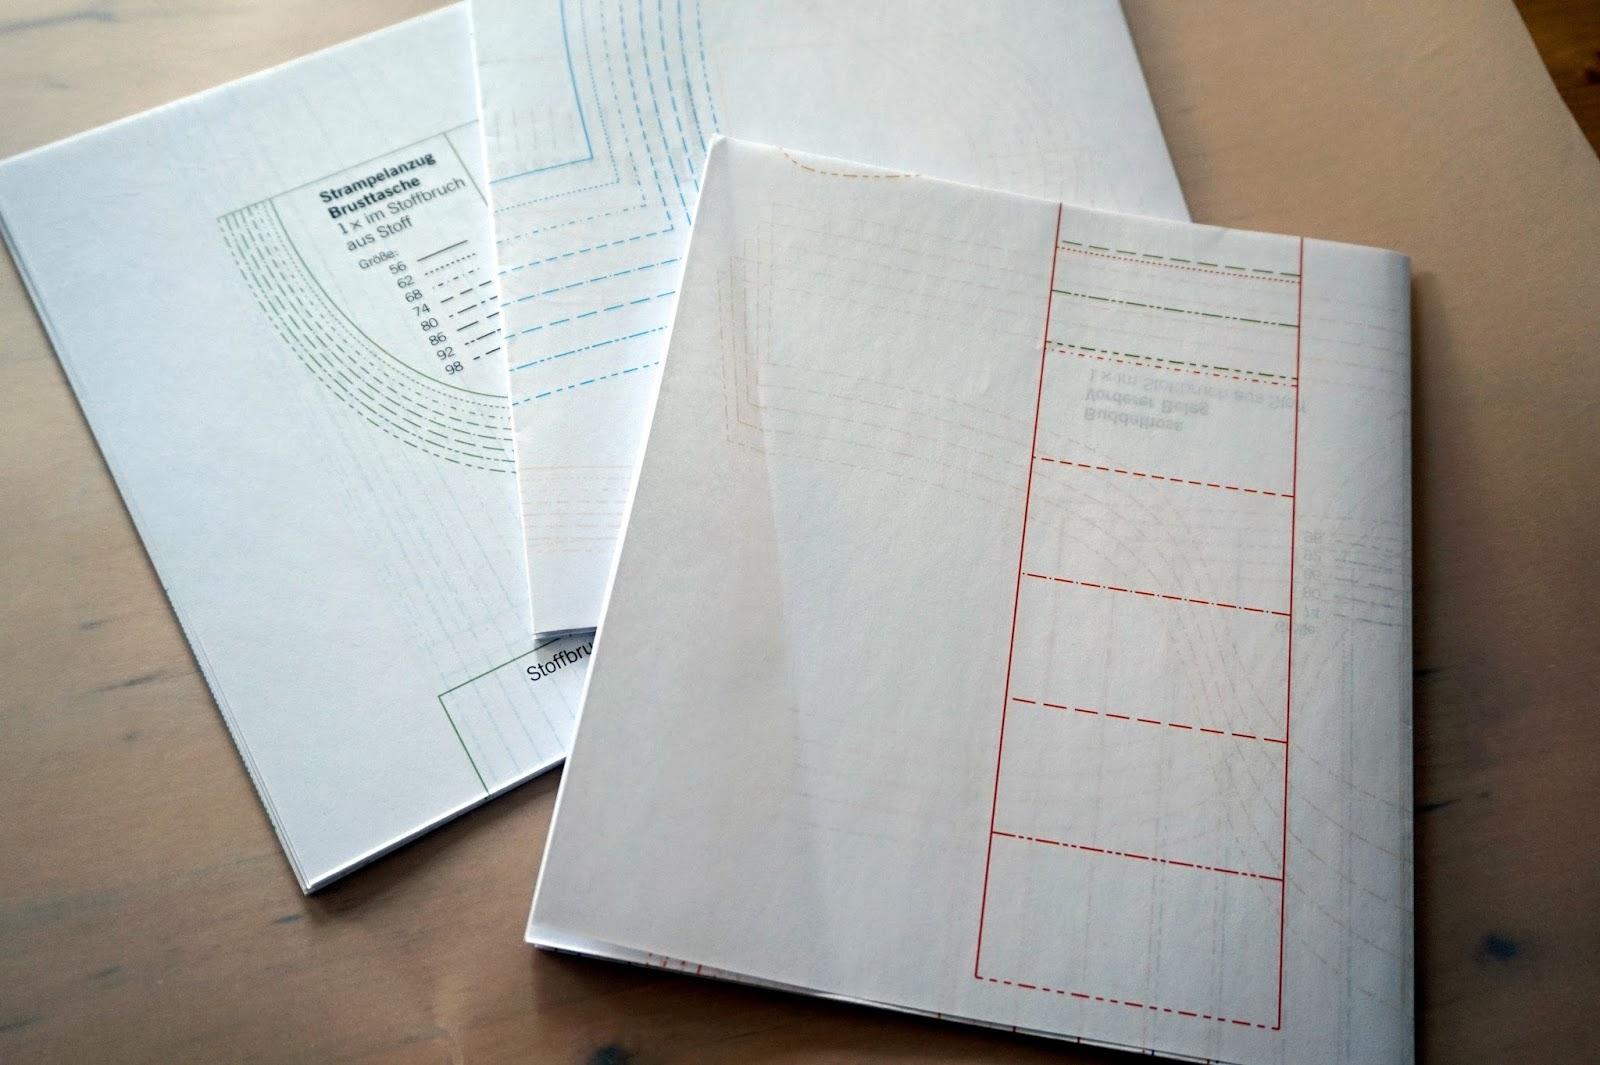 Gemütlich Buch Vorlage Wort Galerie - Entry Level Resume Vorlagen ...